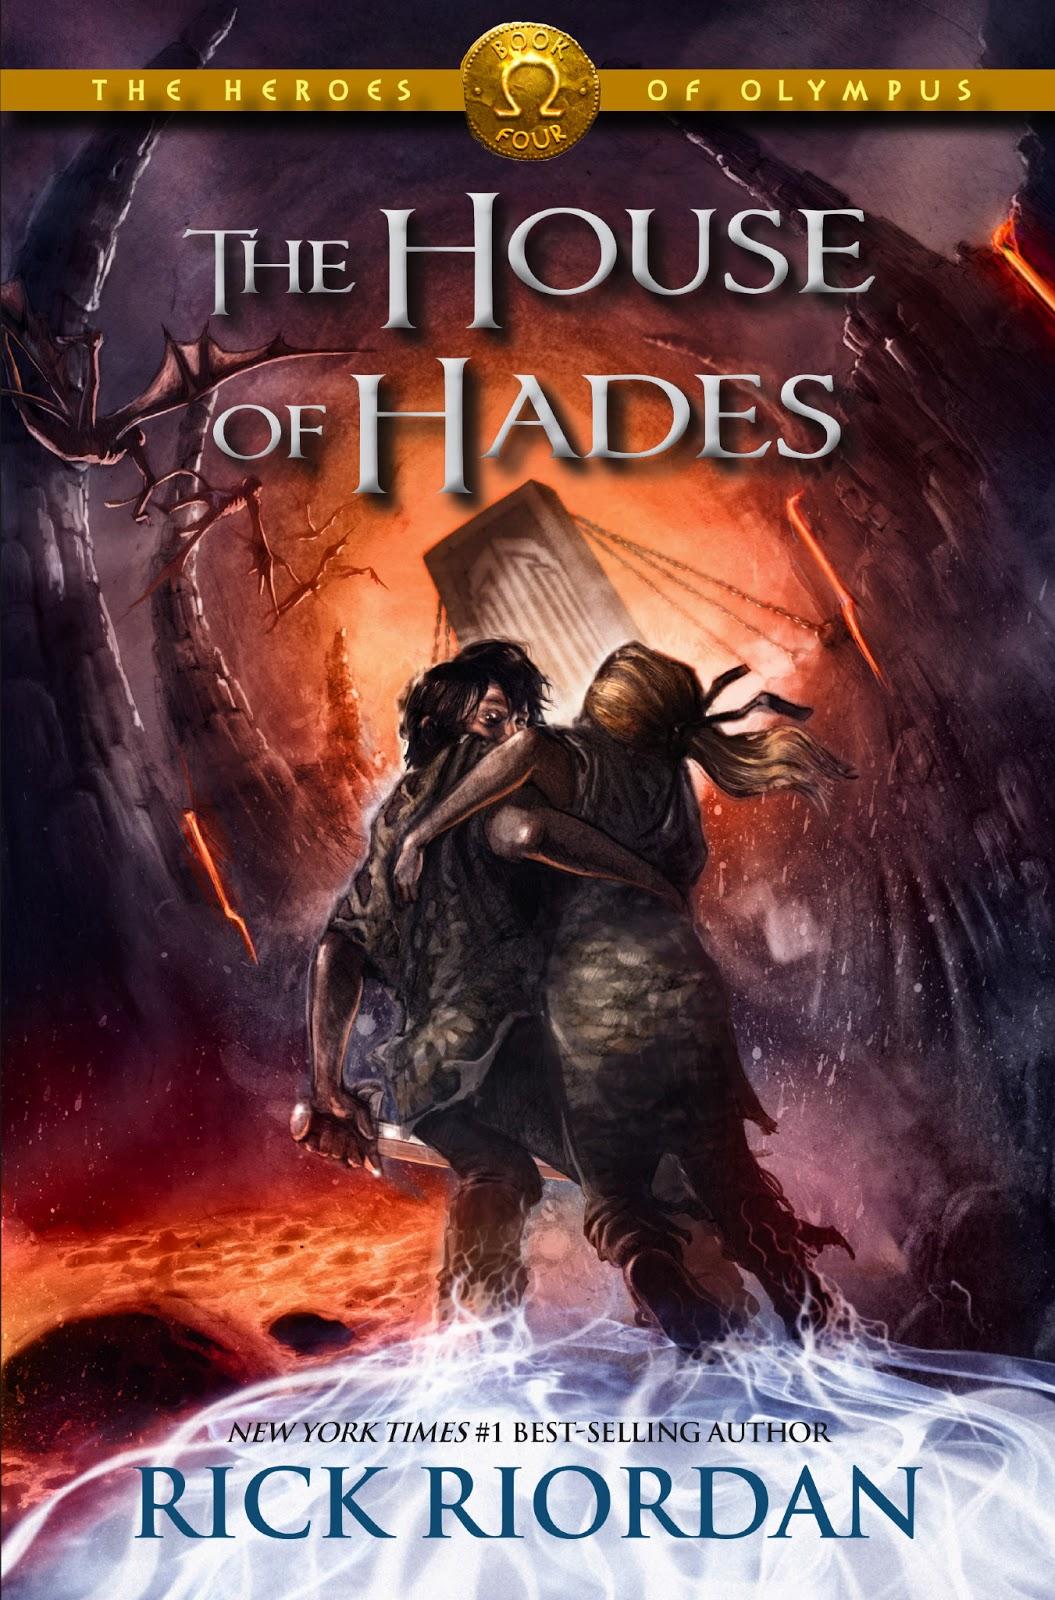 Portada de The House of Hades (La Casa de Hades)